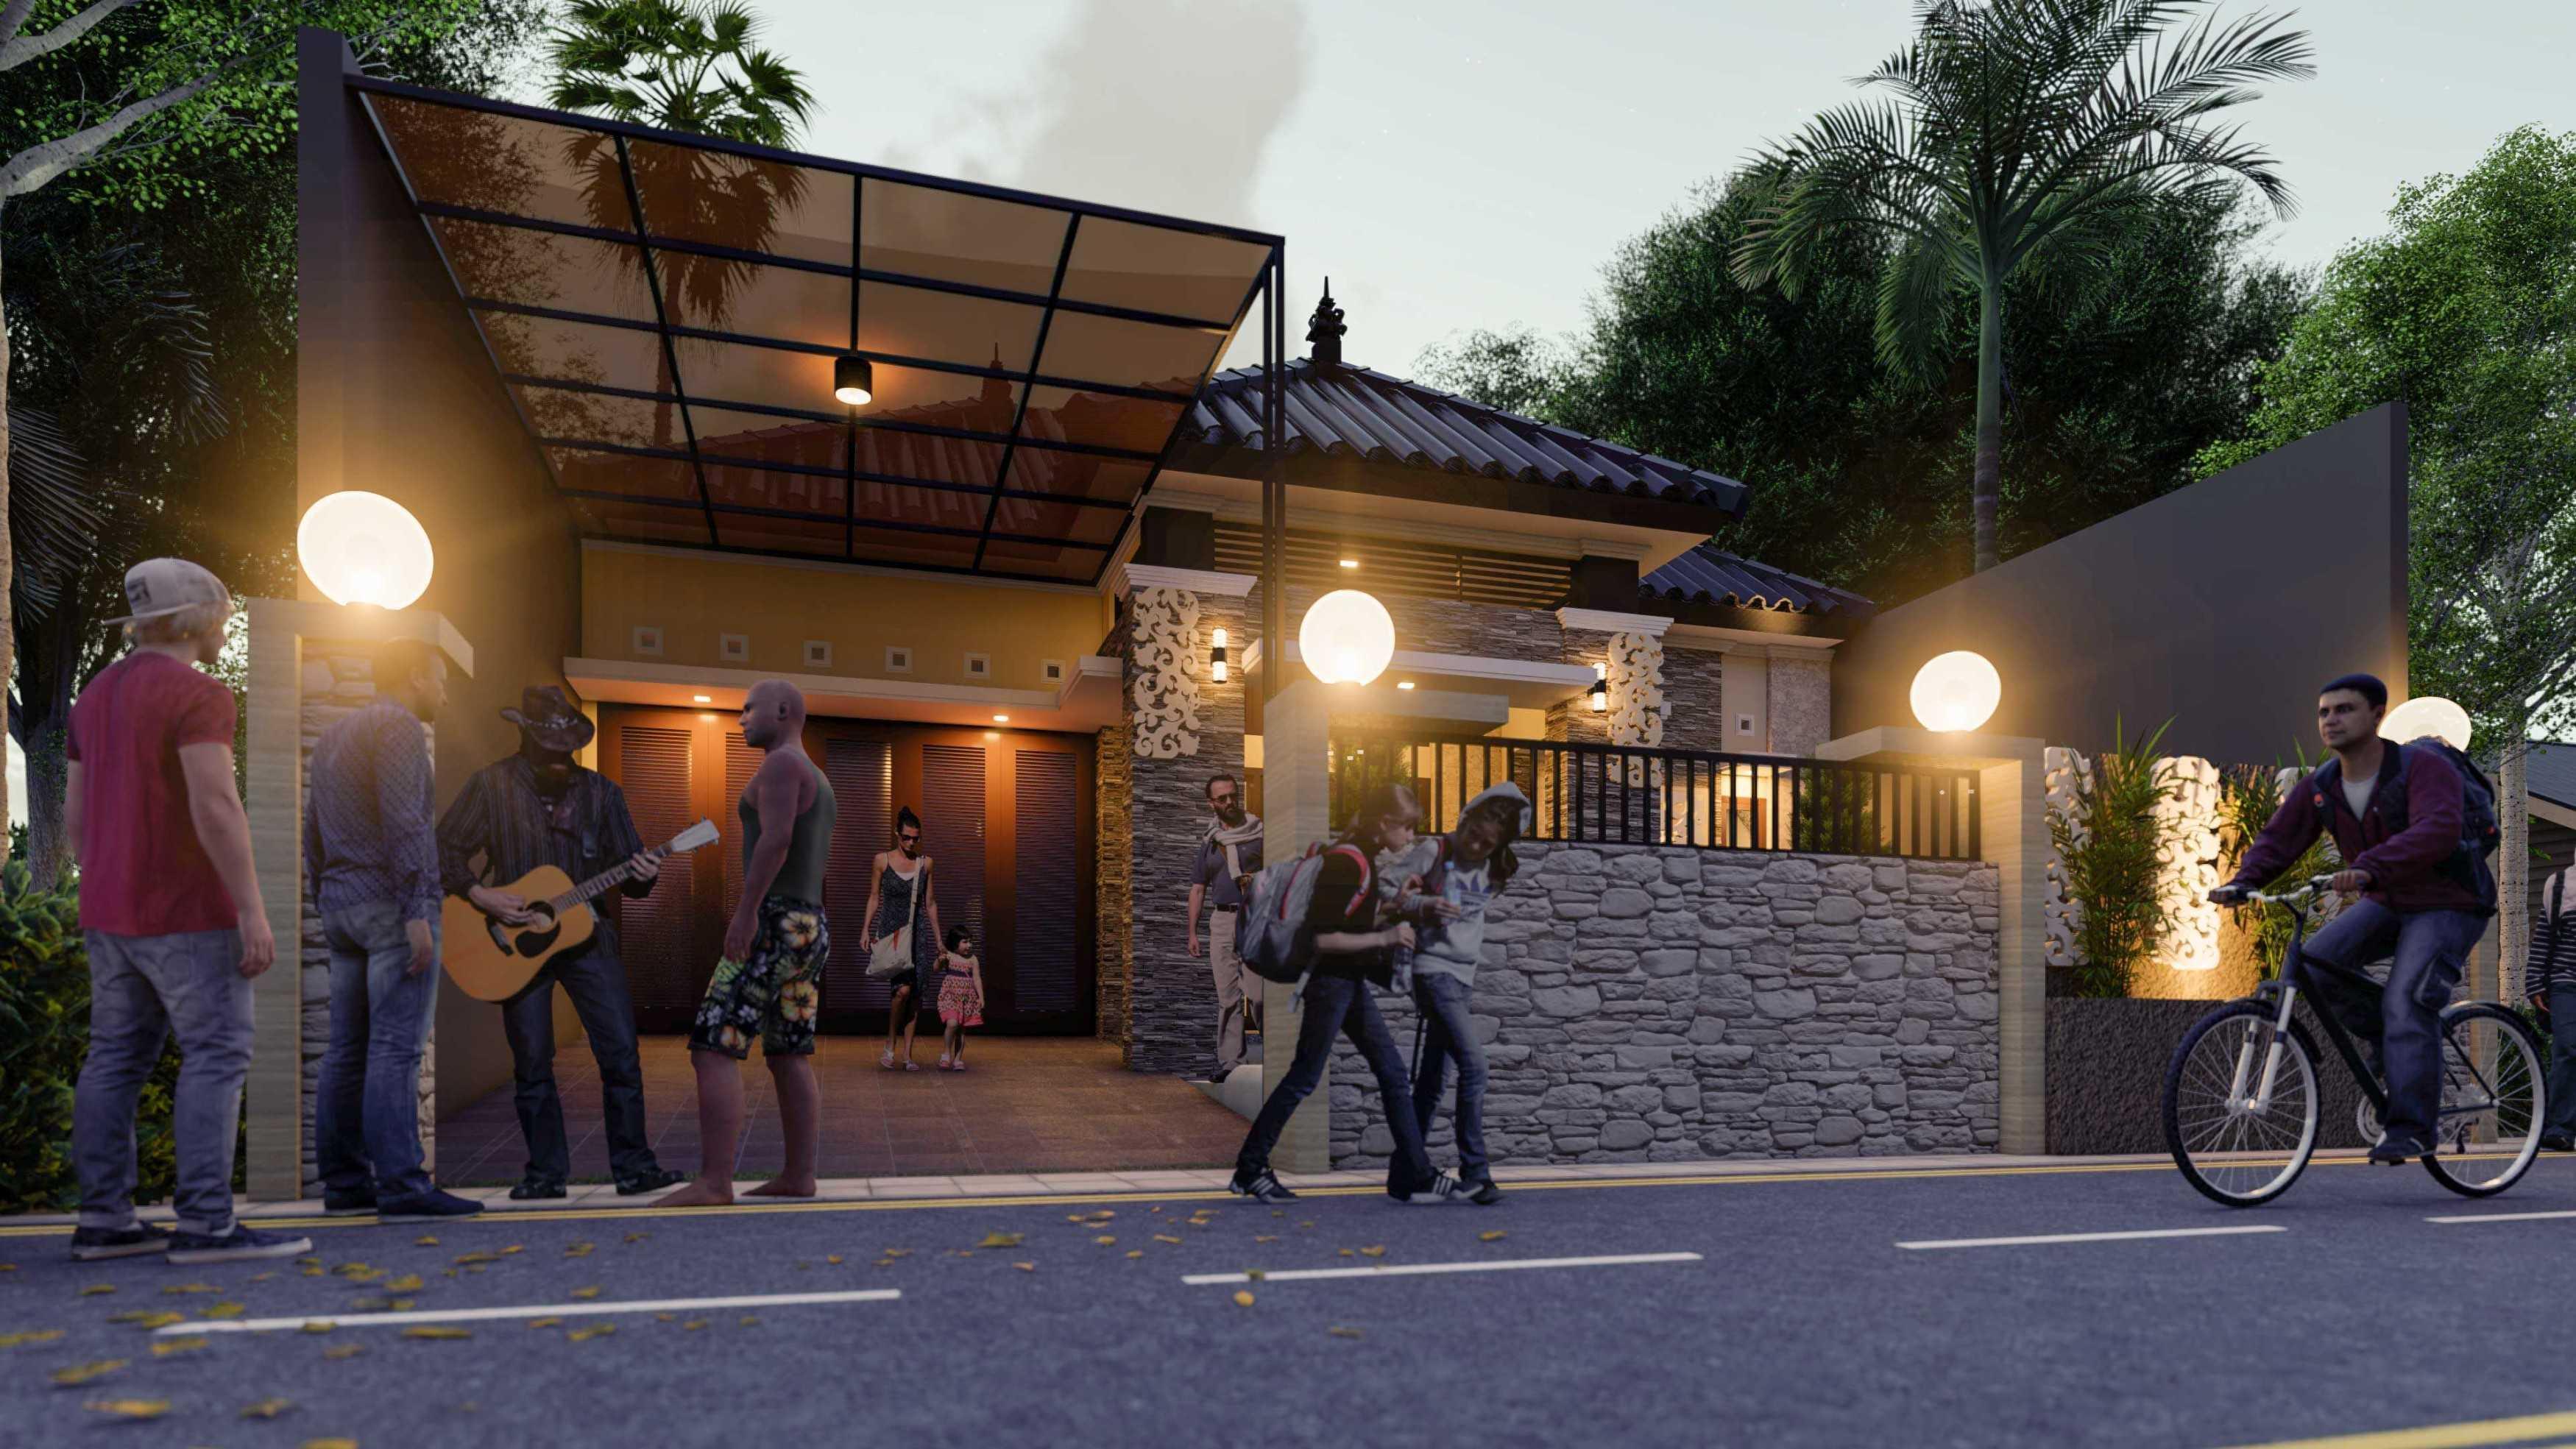 Nggambar Omah   Design And Build The Nusapenida House Blitar, Jawa Timur, Indonesia Blitar, Jawa Timur, Indonesia Tampak Depan Traditional <P>Ornamen Menjadikan Rumah Semakin Elegan, Mewah Dan Eksotik</p> 75675